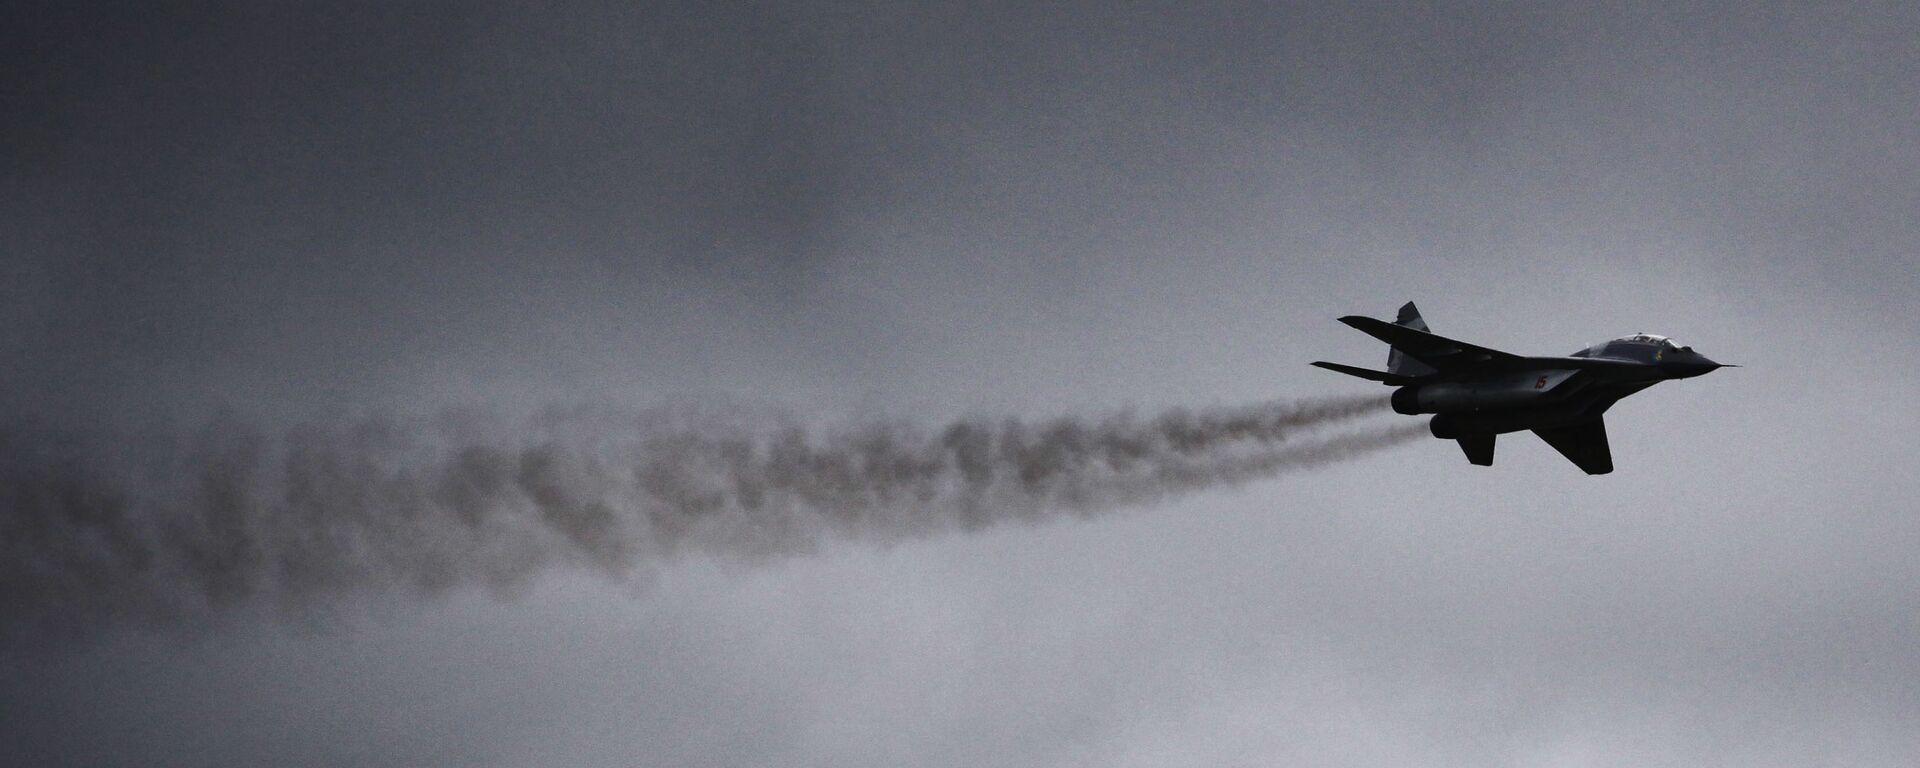 Myśliwiec MiG-29. - Sputnik Polska, 1920, 10.06.2021